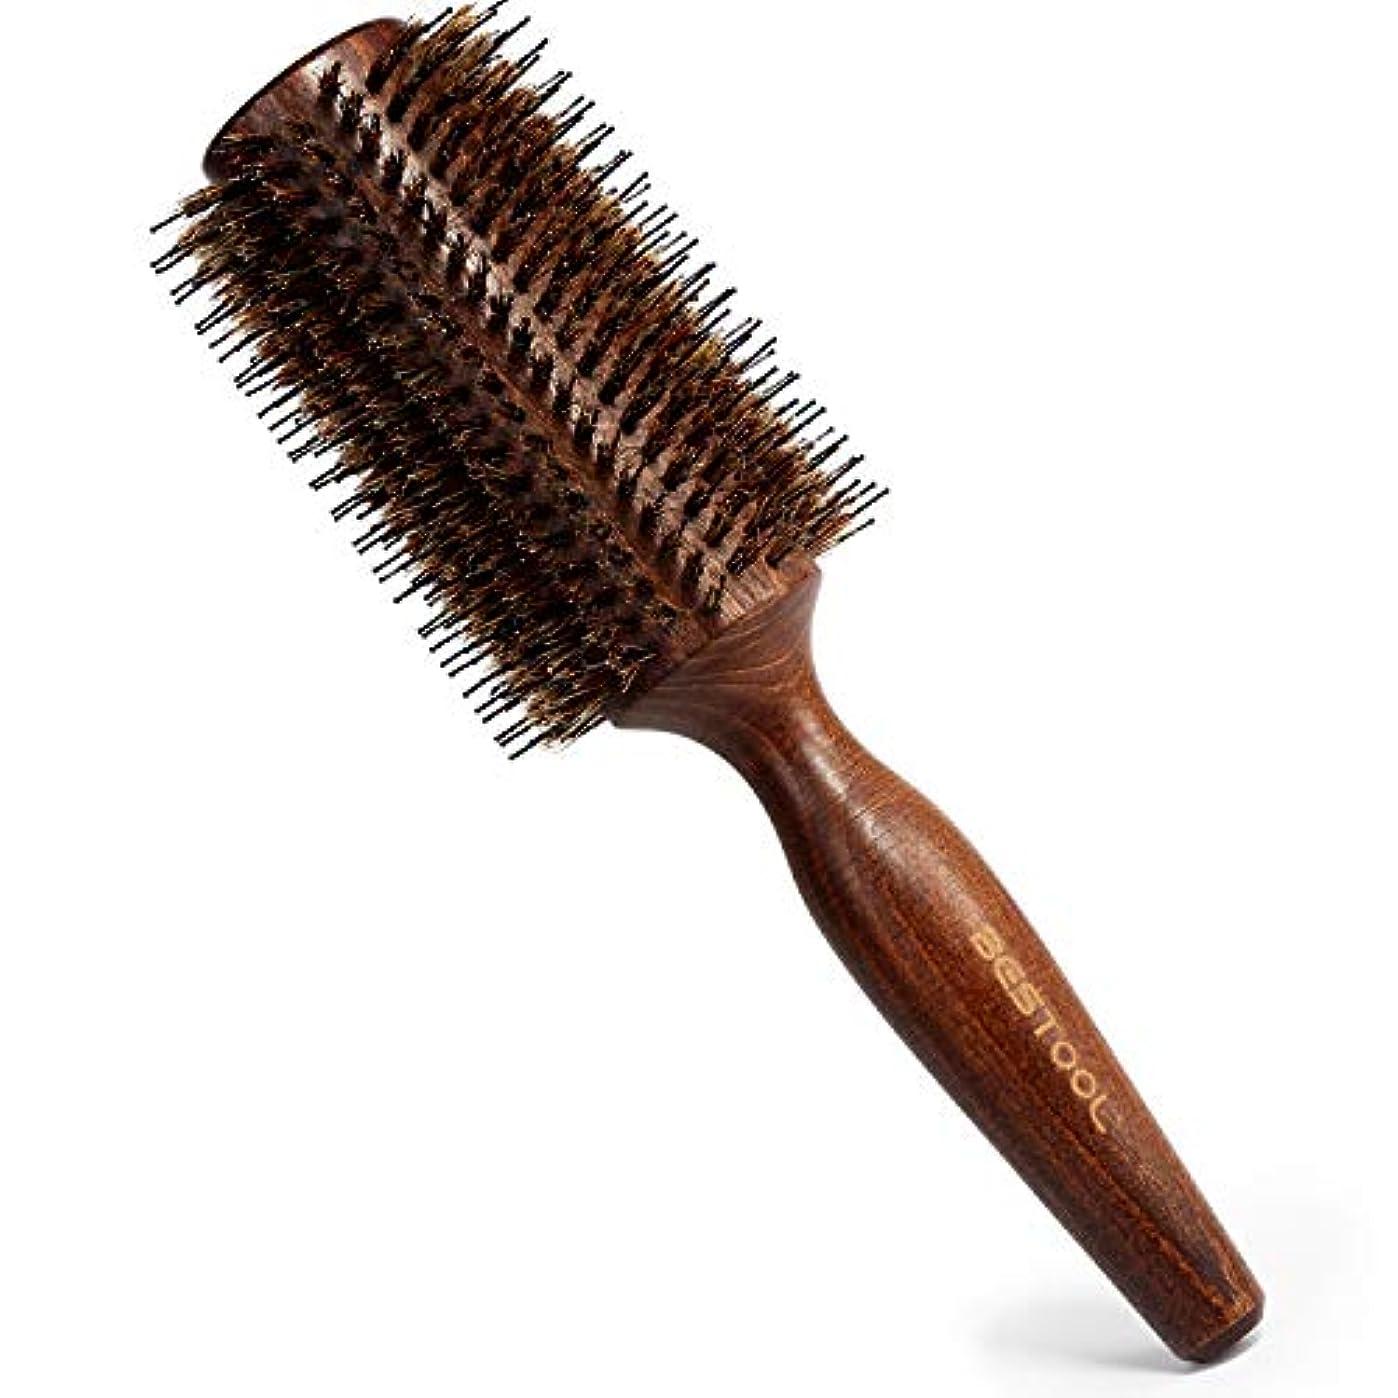 こっそり離れてコーン豚毛ヘアブラシ ロールブラシ Bestool ケヤキ製 髪をつやつやする ファッションヘアブラシ 新型タイプ 高級美容ヘアブラシ (L, ケヤキ)